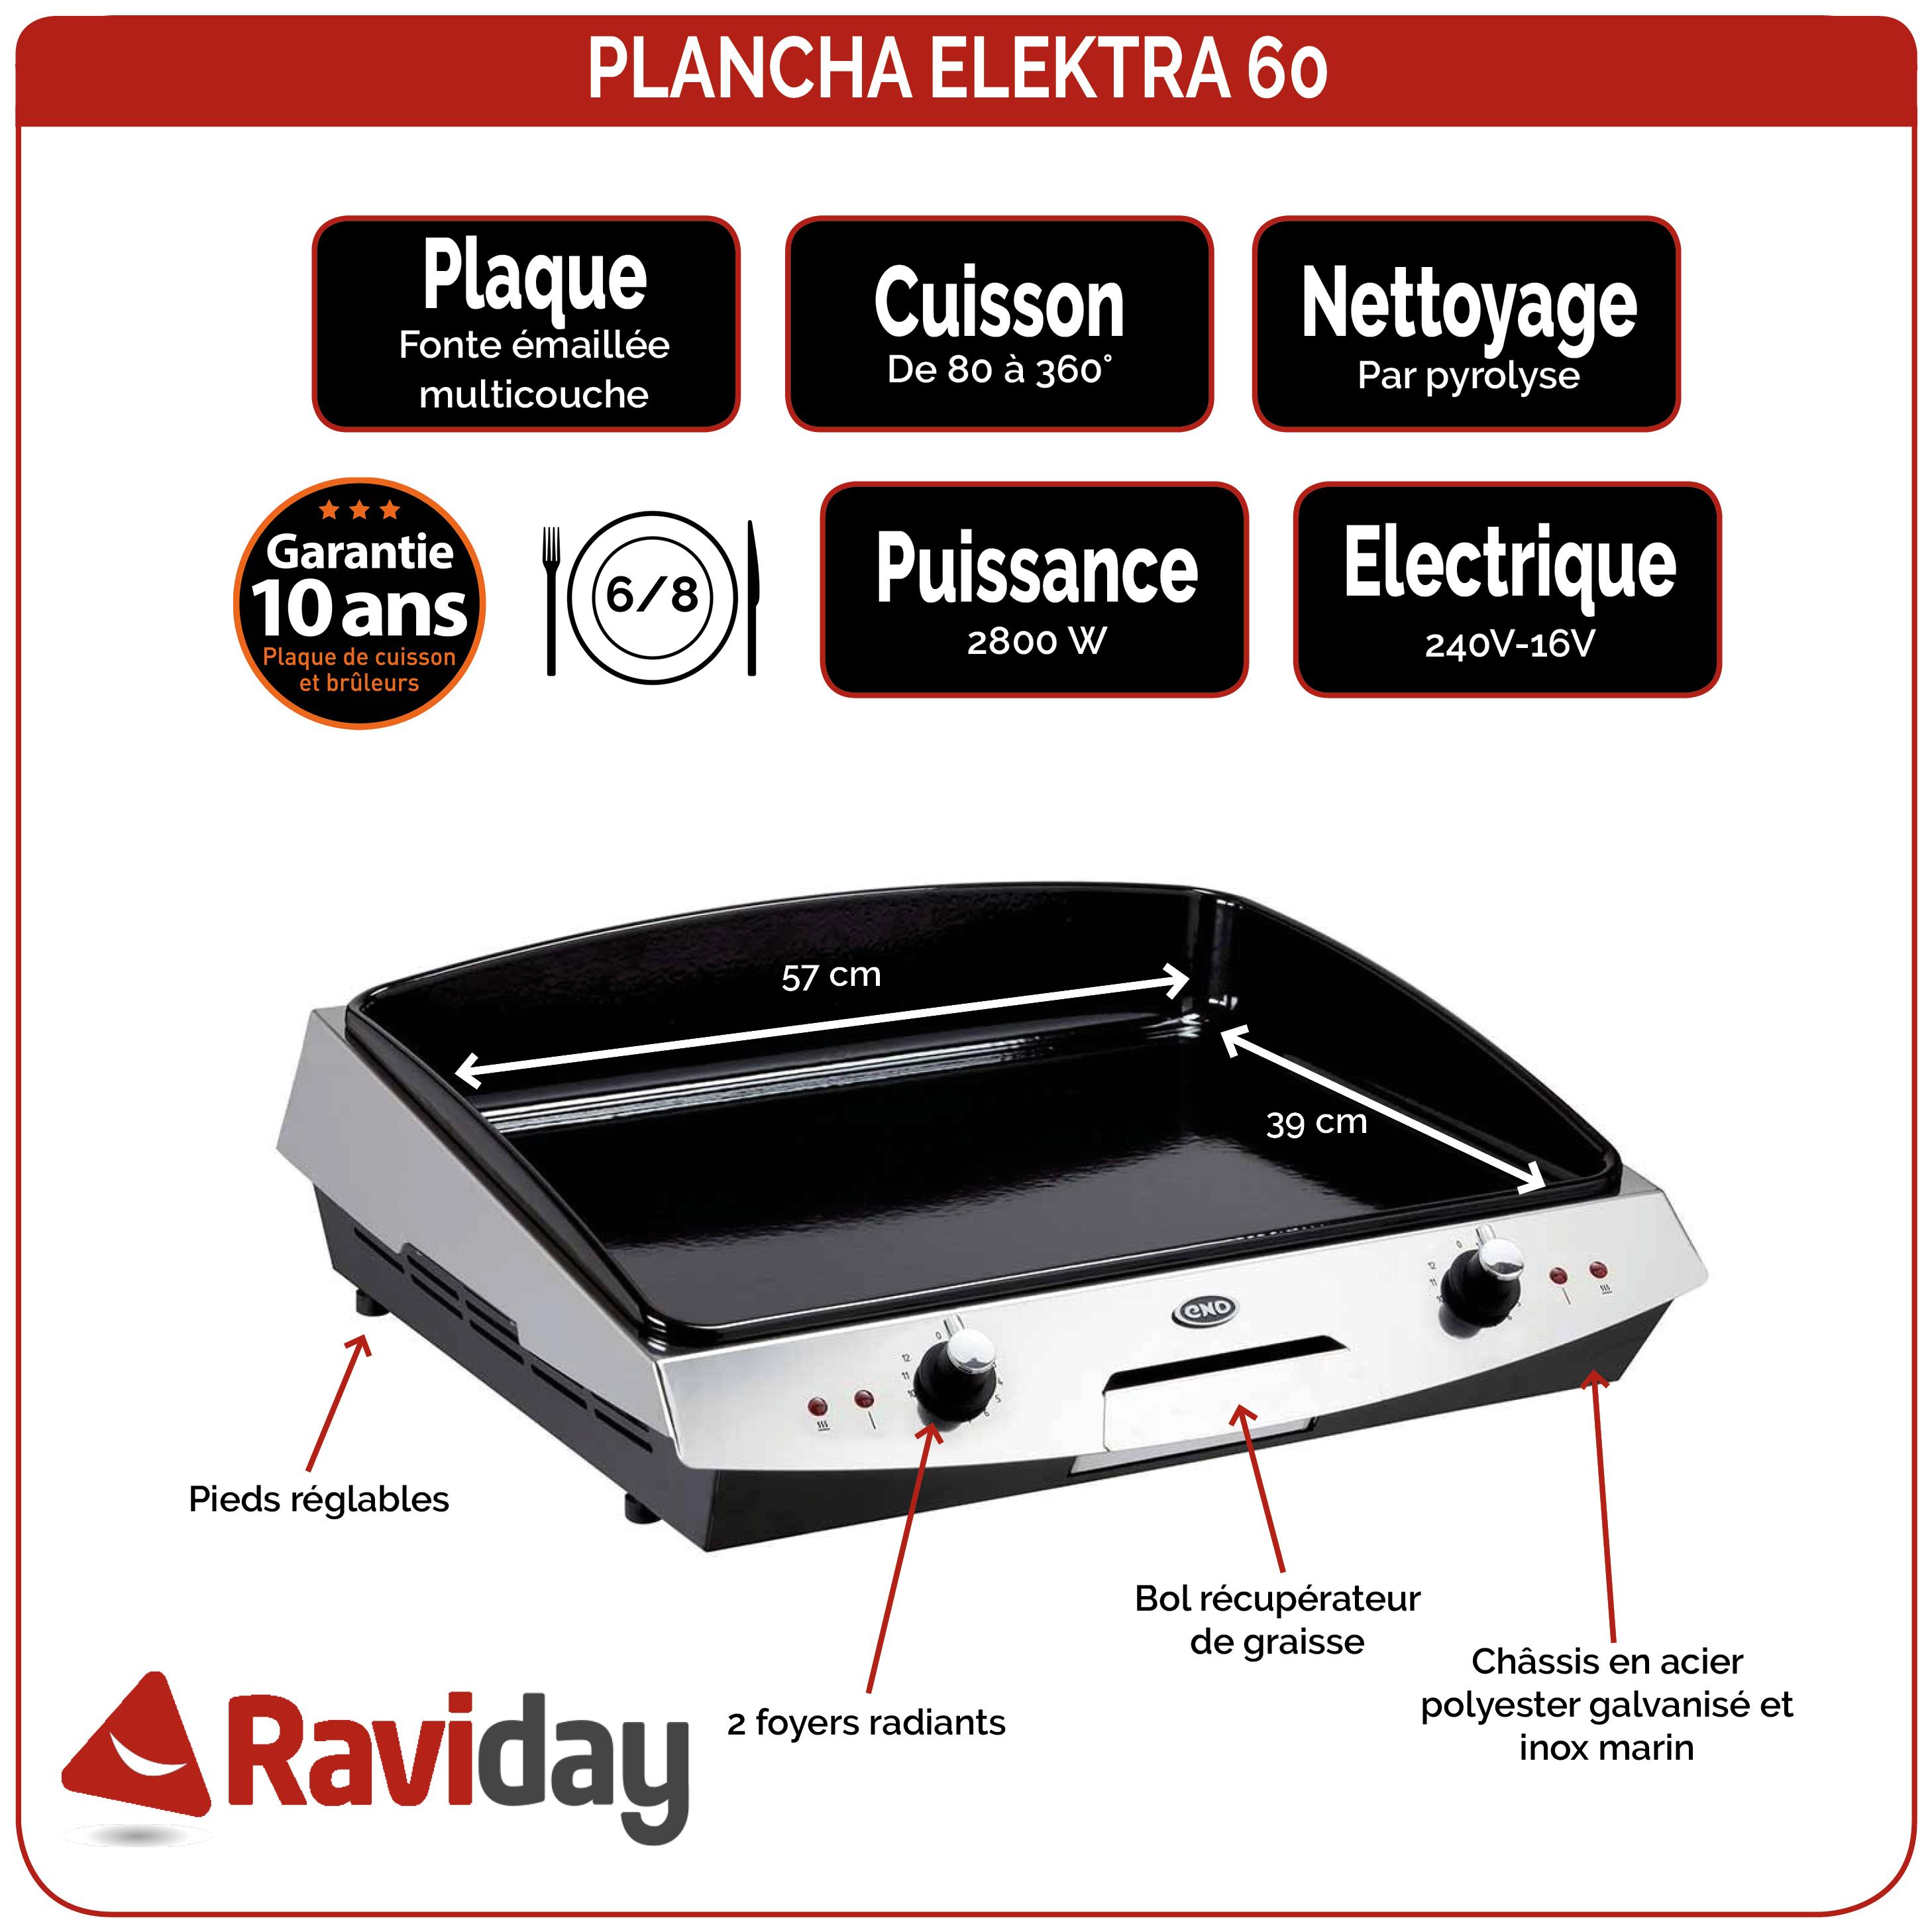 Raviday vous pr sente la gamme de planchas eno origine france - Plancha haut de gamme ...